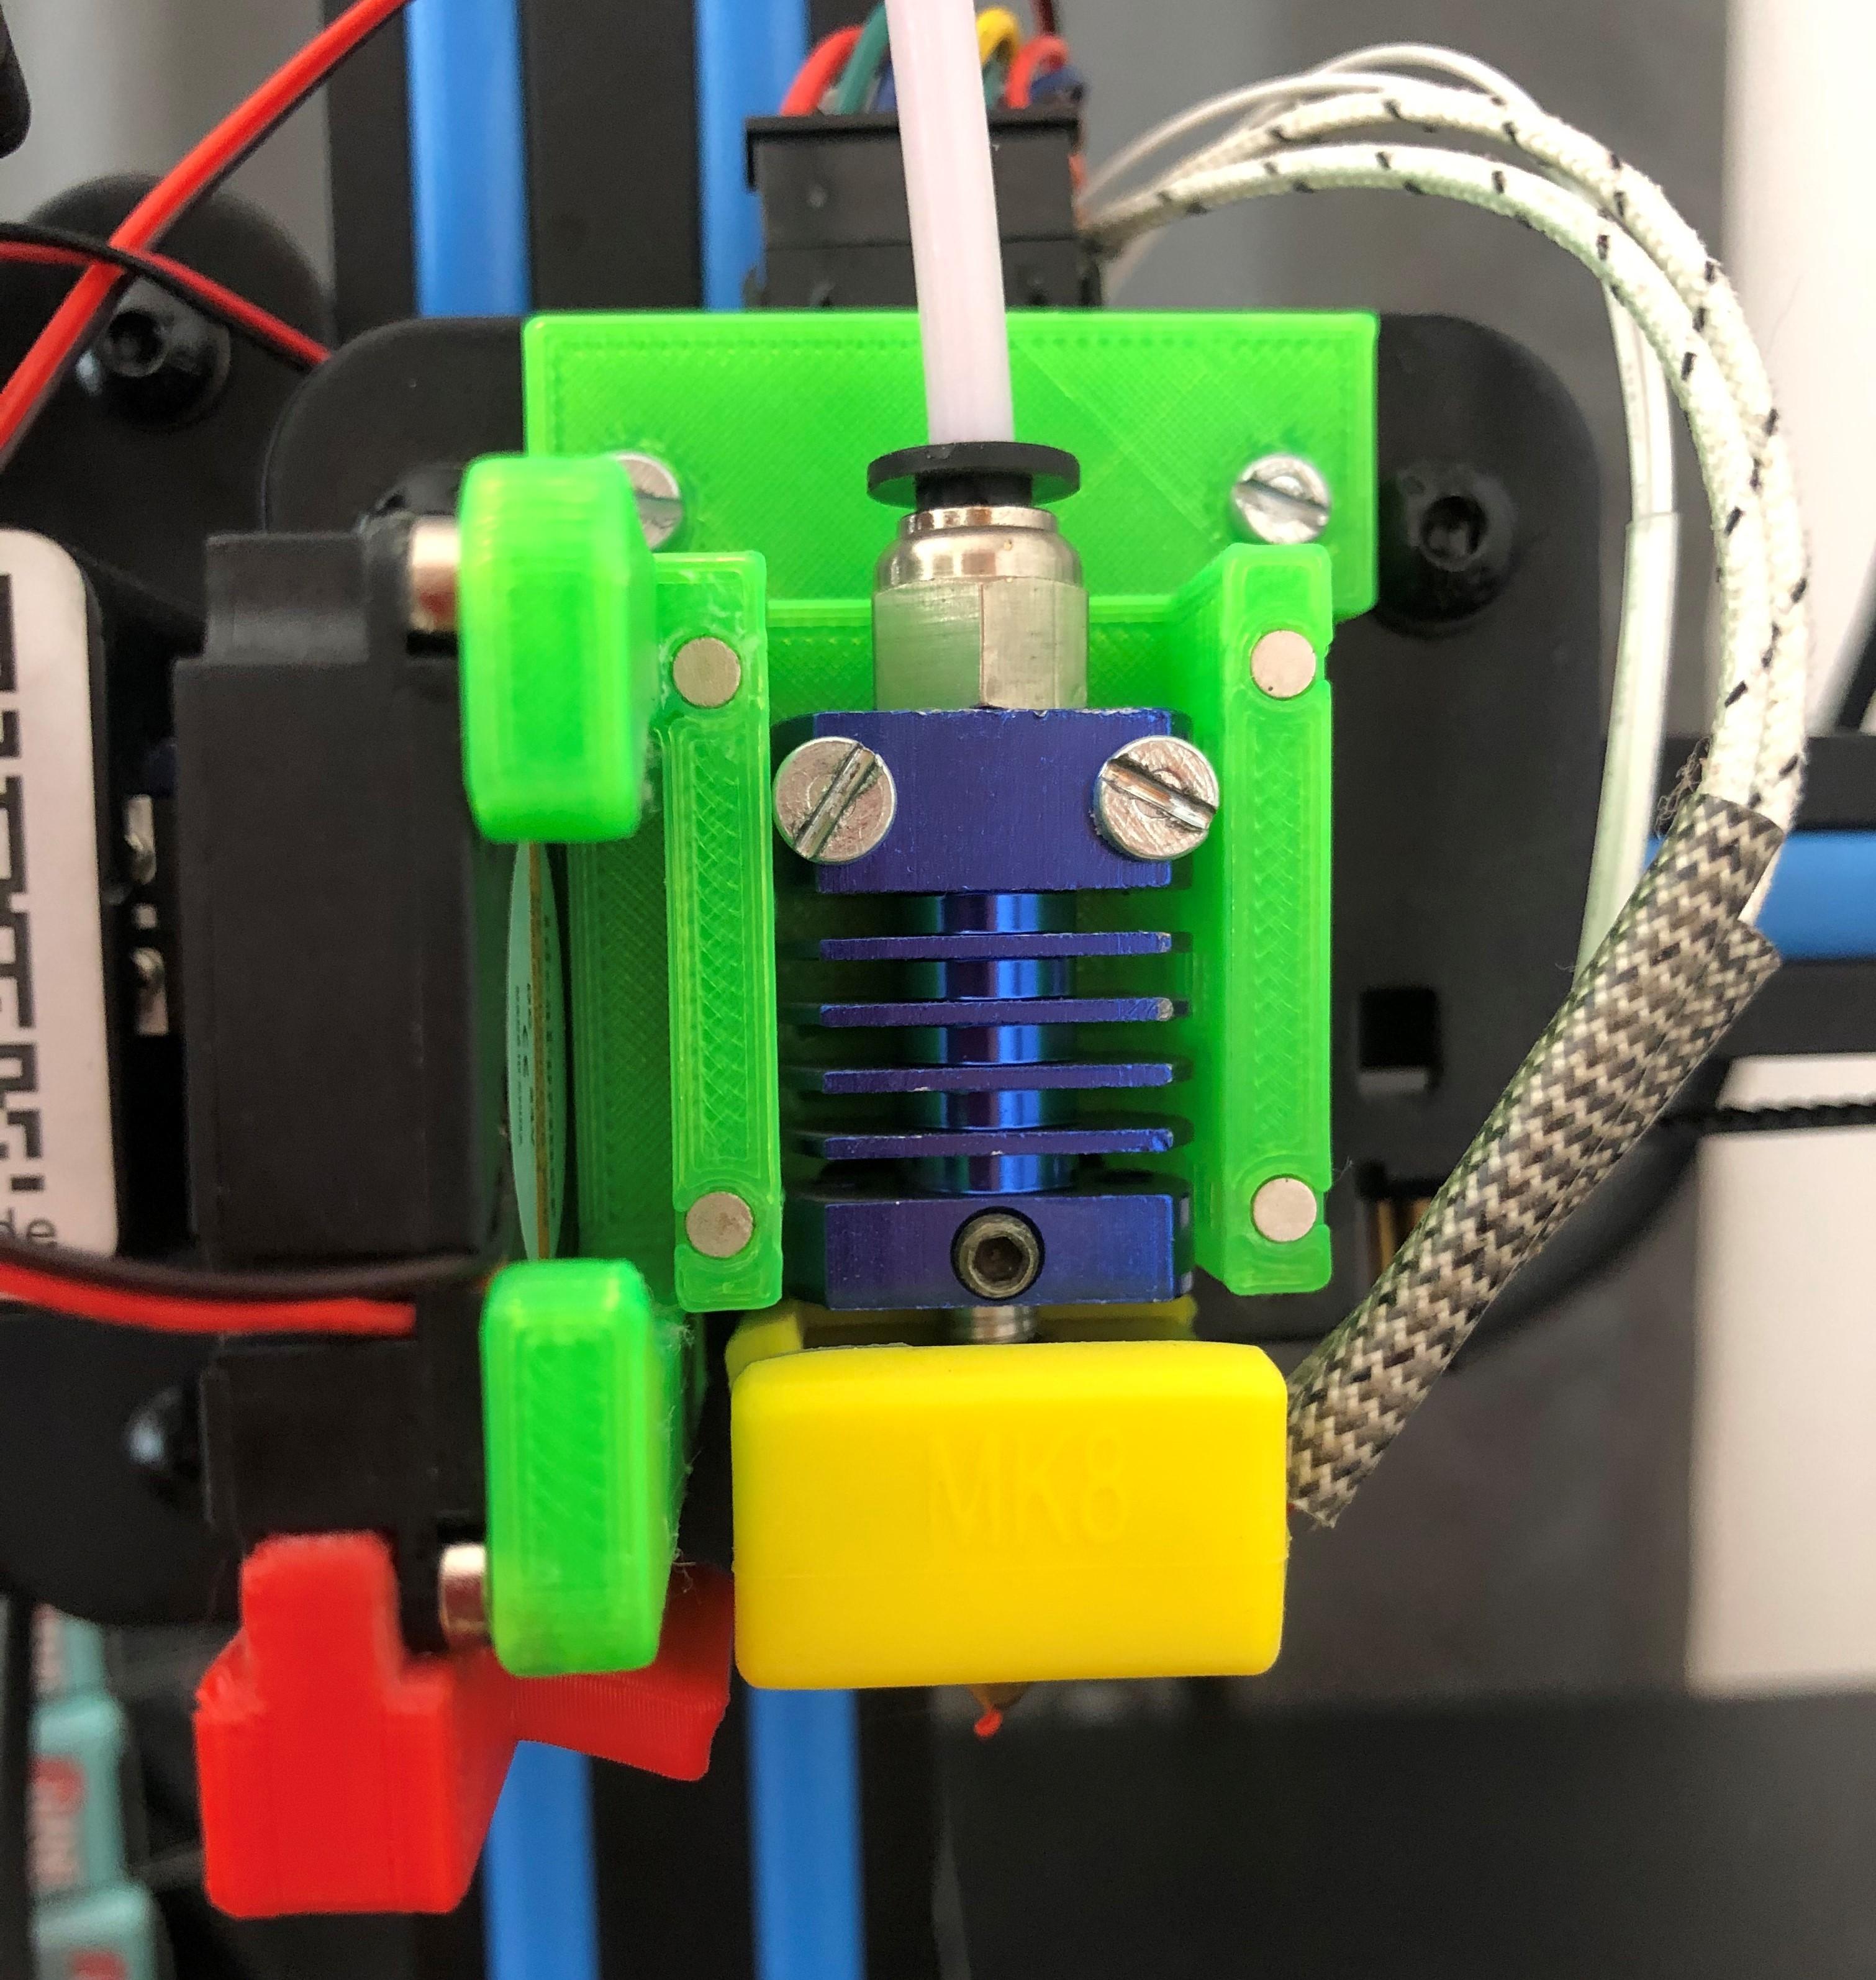 IMG_2921.jpg Télécharger fichier STL gratuit Support Ender à Geeetech Adaptateur de base a10m Changement de support • Design imprimable en 3D, dulce-enmascarado-mascara-dulce